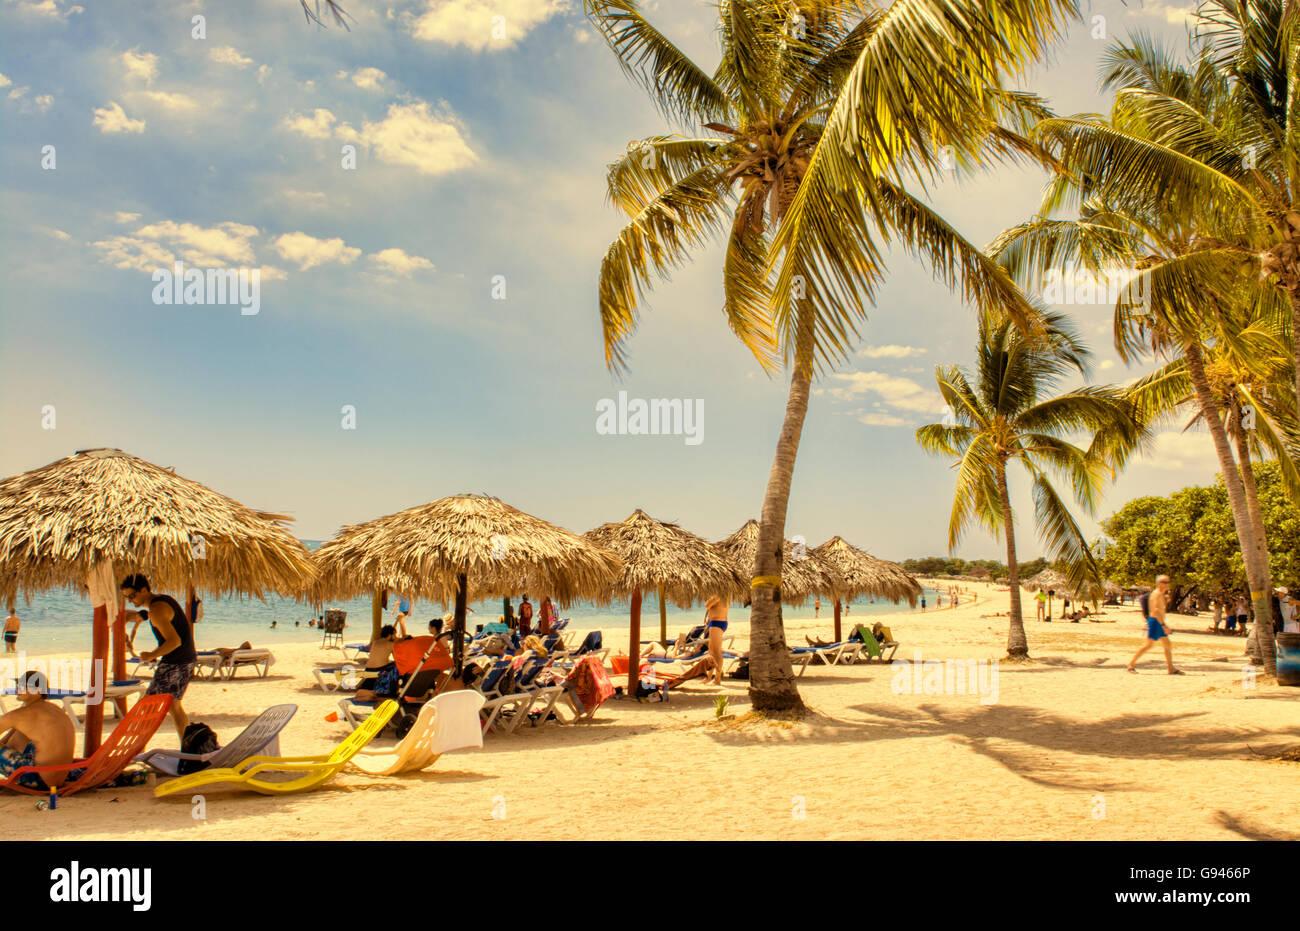 Trinidad Kuba wunderschönen weißen Sandstrand in der Nähe von Club Amigo Ancon mit blauem Wasser Stockbild